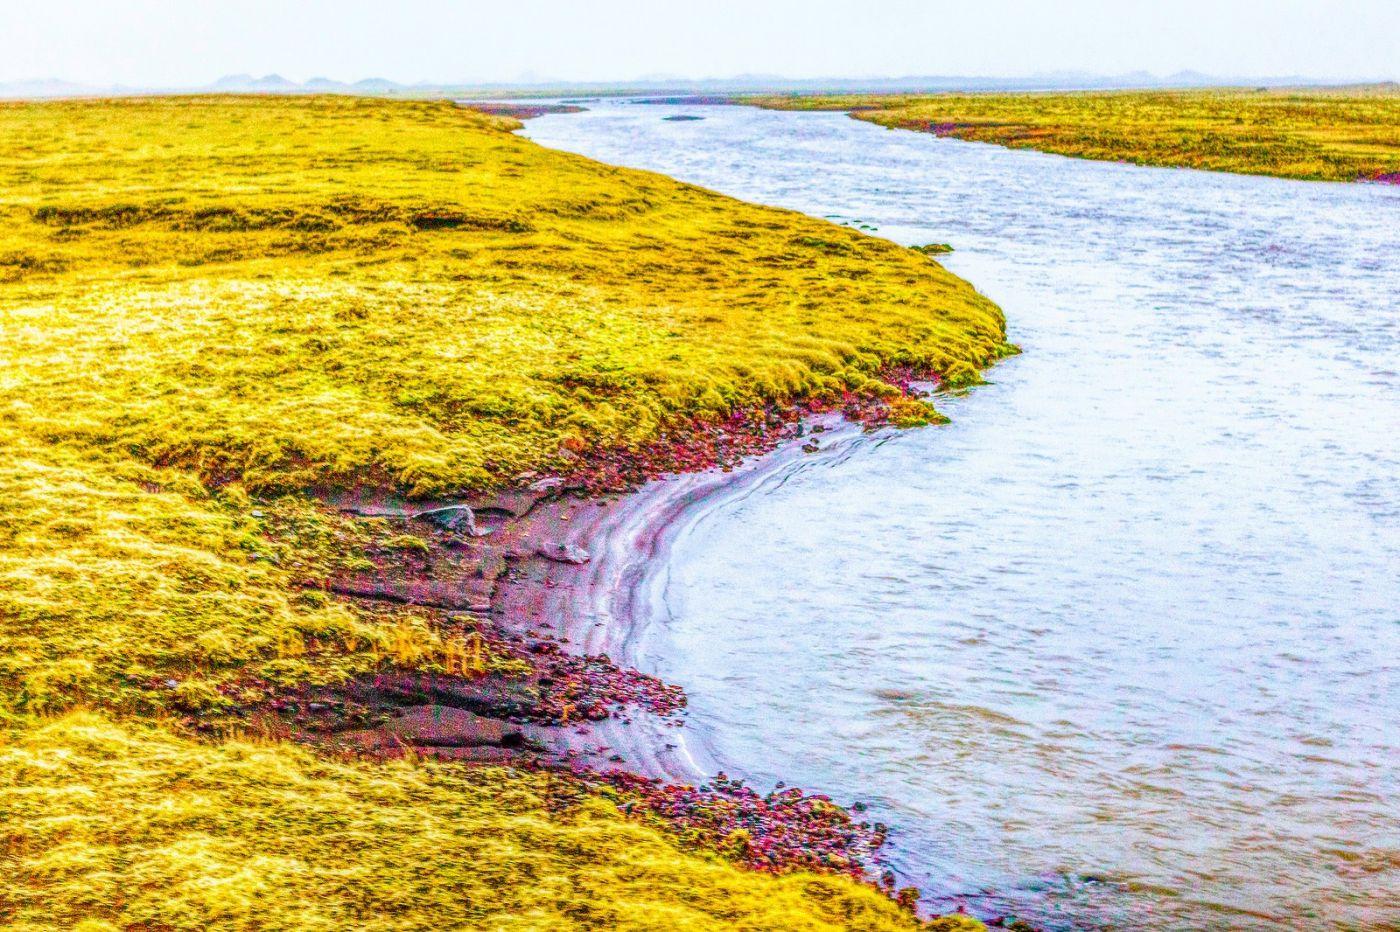 冰岛风采,延伸视野_图1-16